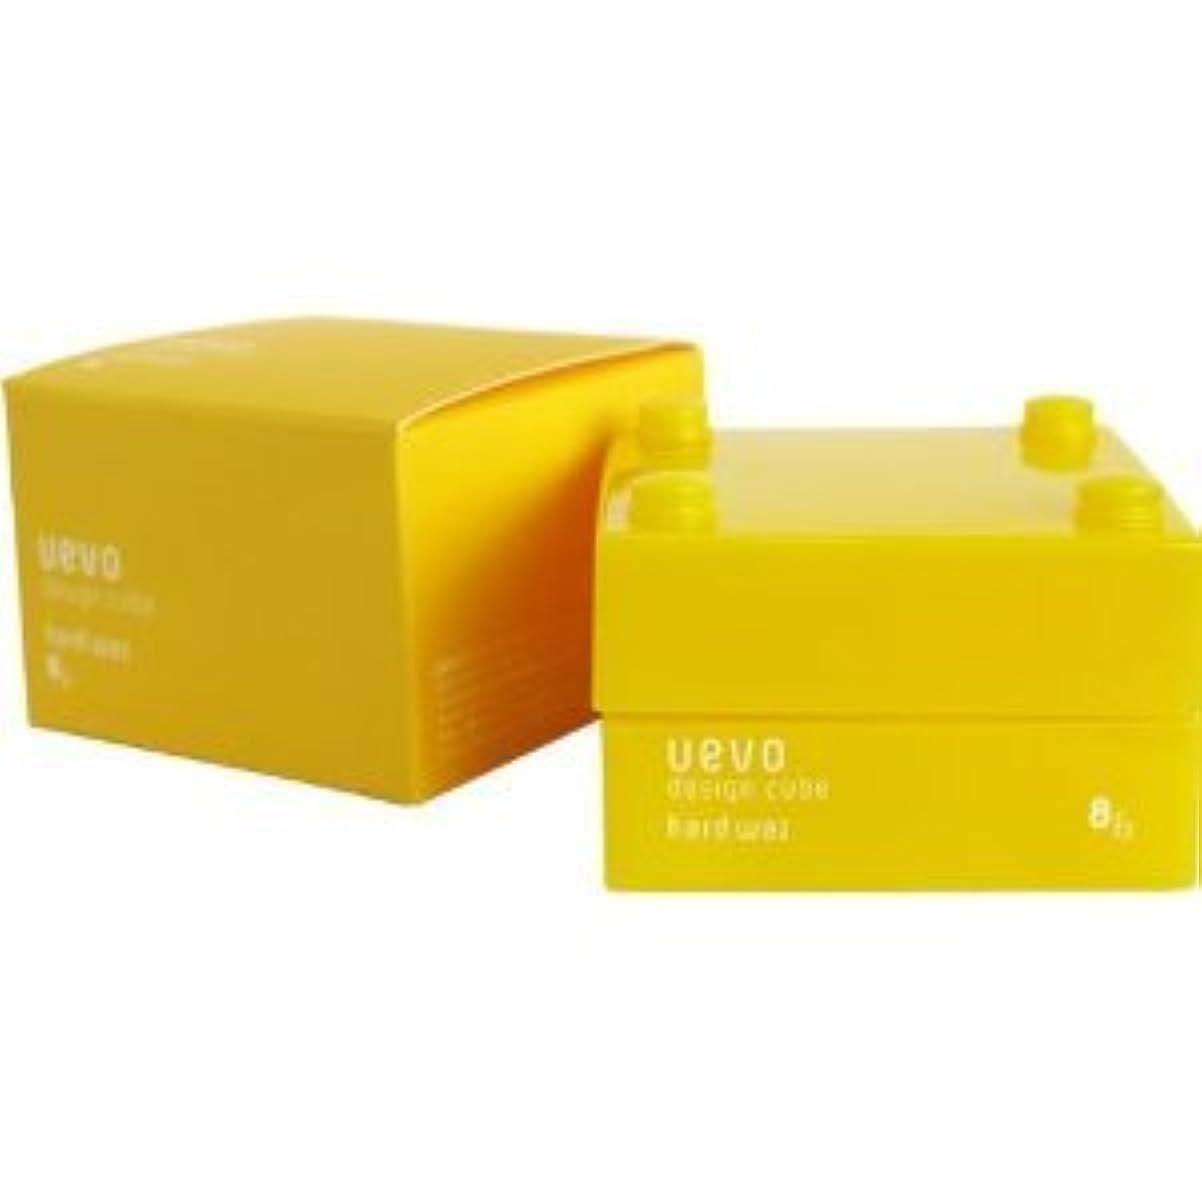 倍率好色なマリナー【X2個セット】 デミ ウェーボ デザインキューブ ハードワックス 30g hard wax DEMI uevo design cube